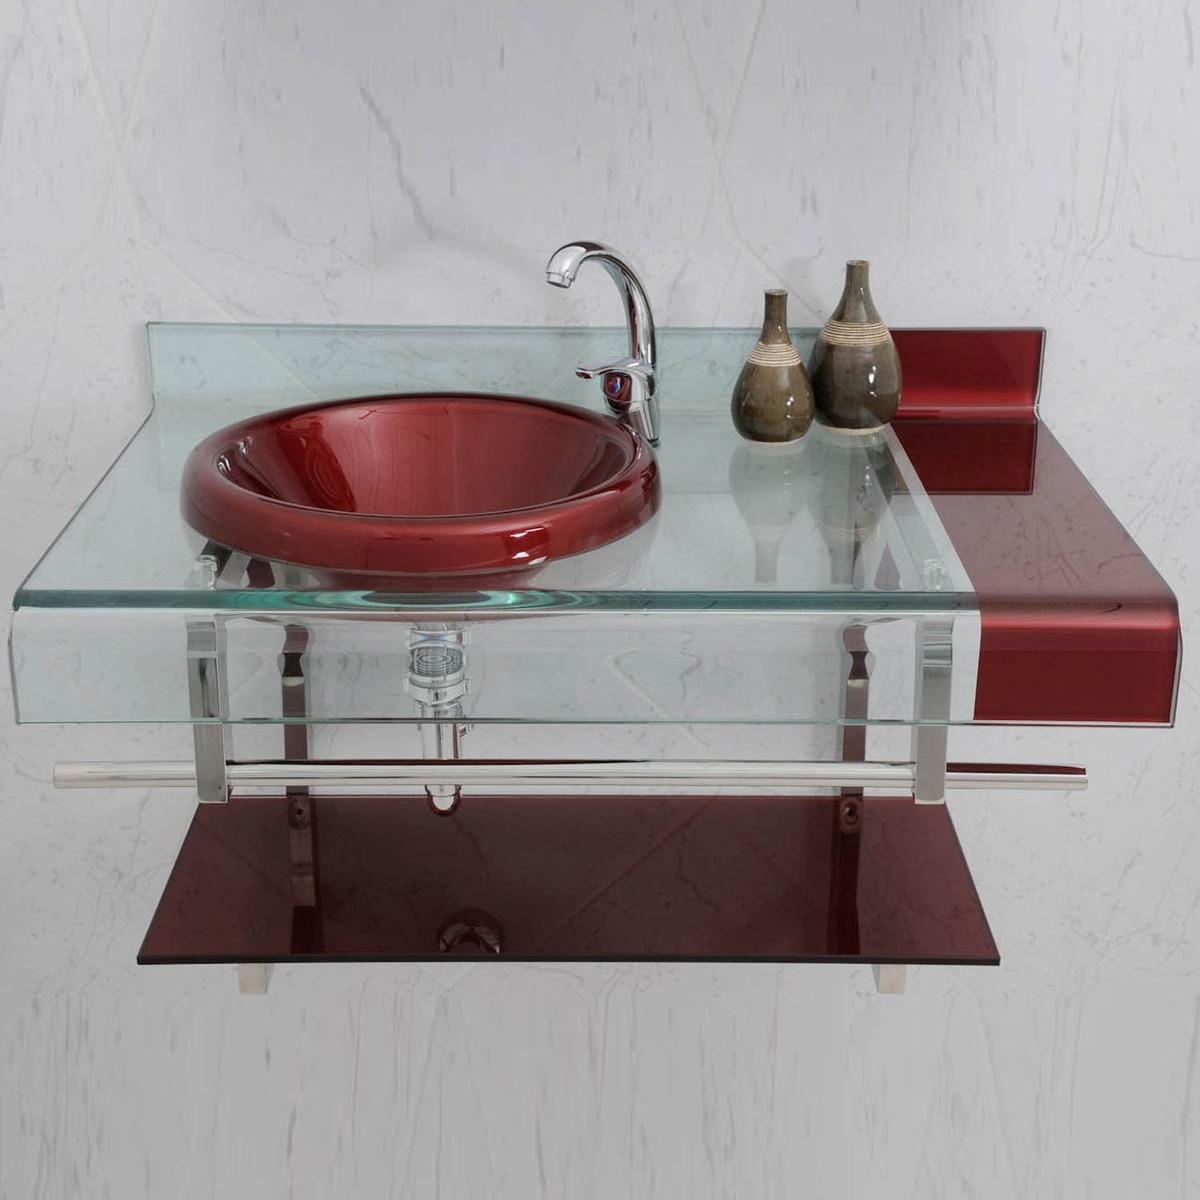 Gabinete E Espelheira Estilo Chopin R$ 1.208 90 em Mercado Livre #6A302F 1200x1200 Acessorios Para Banheiro Mercado Livre